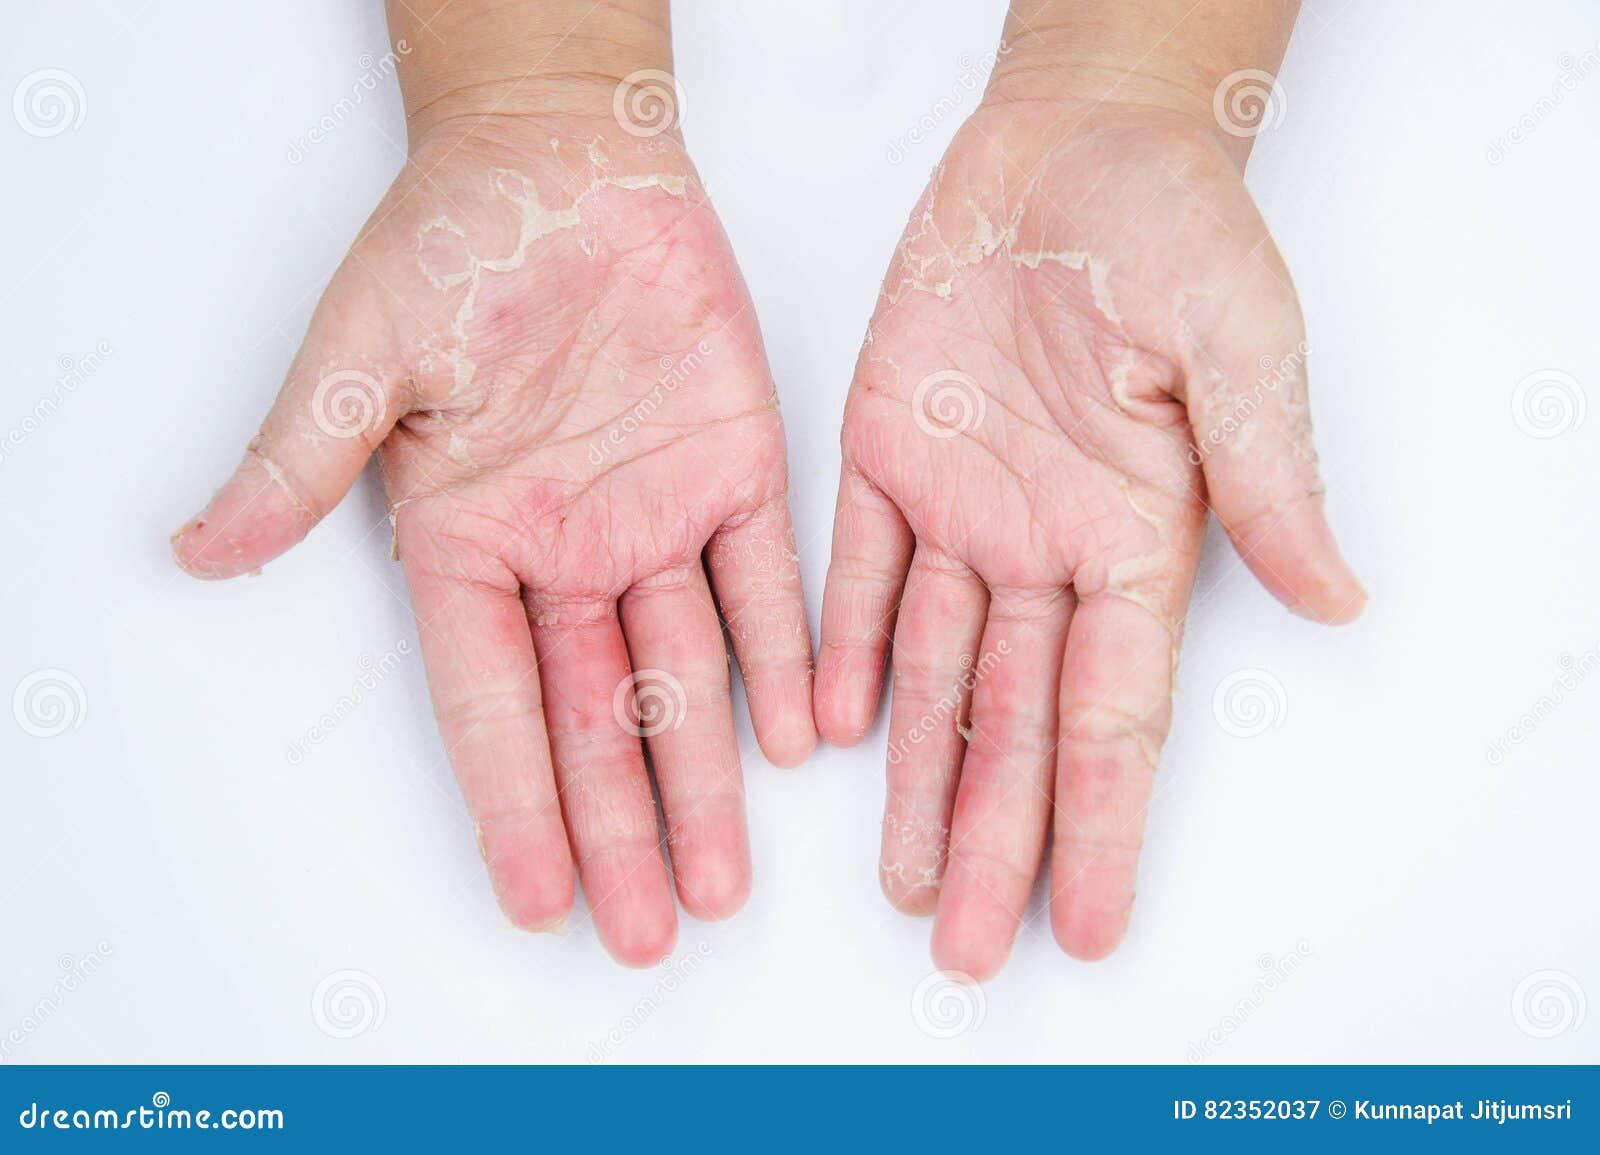 Le mani asciutte, buccia, dermatite da contatto, micosi, pelle inf